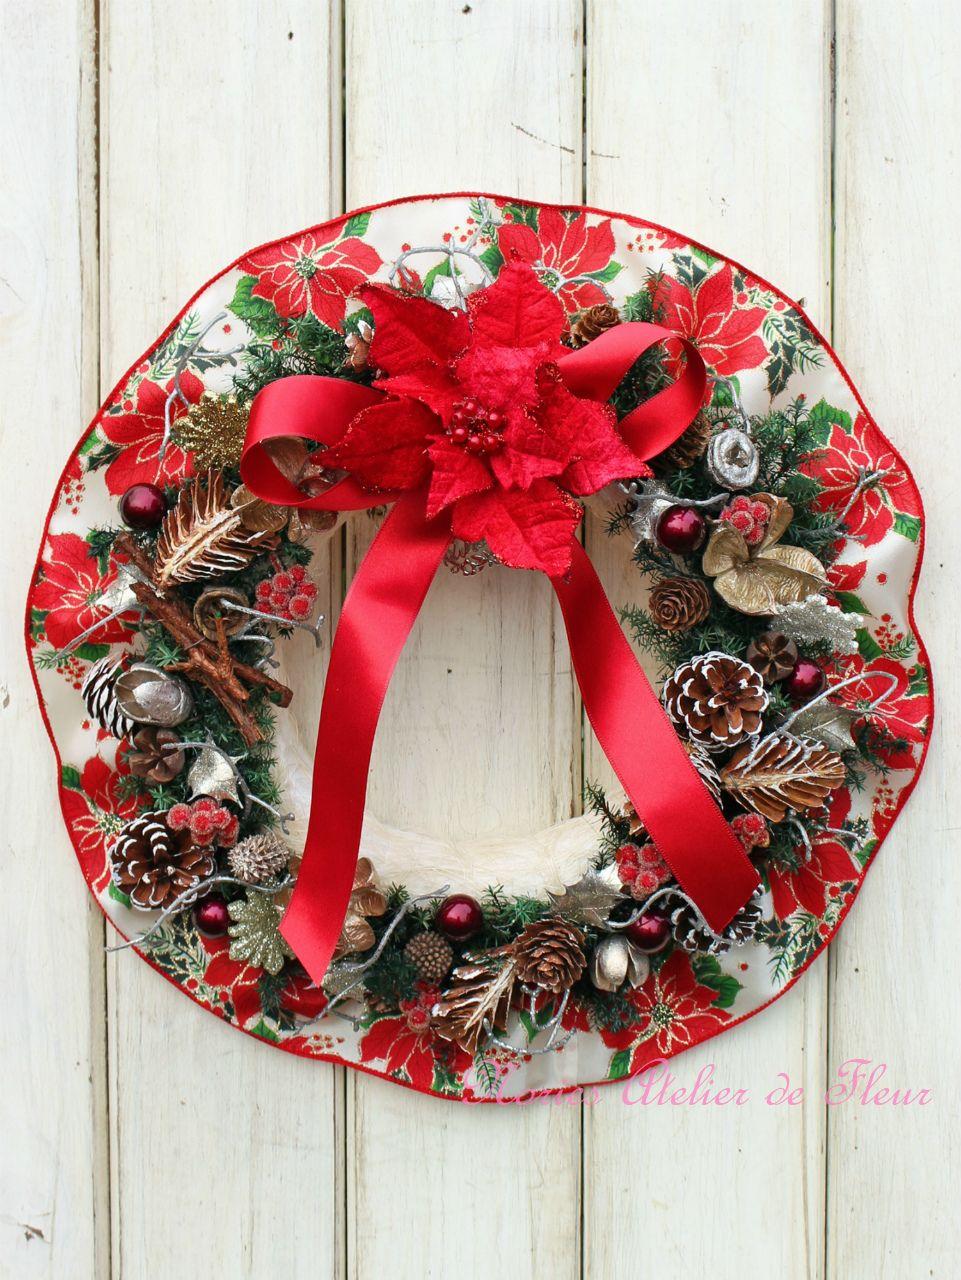 木の実のクリスマスリース「私のChristmas」